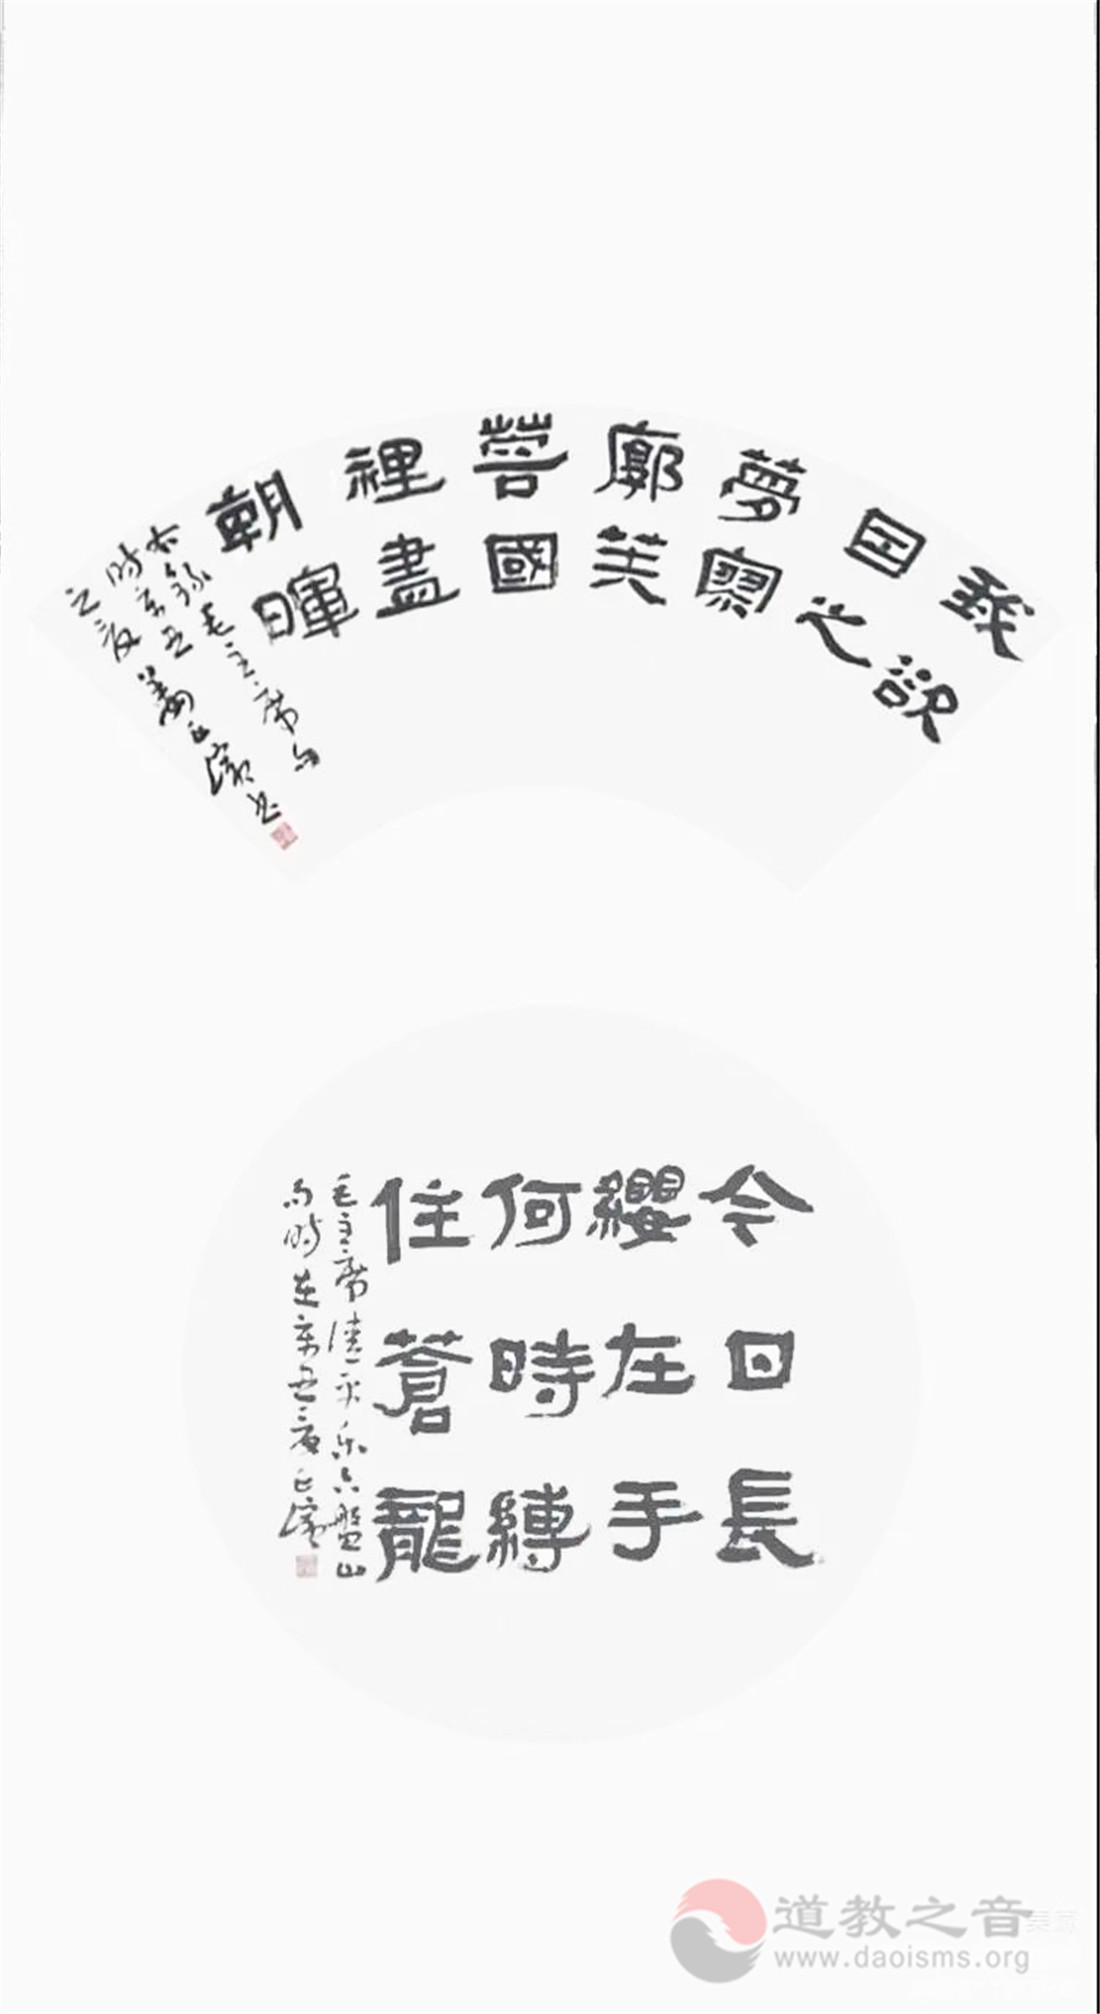 作者:姜正滨